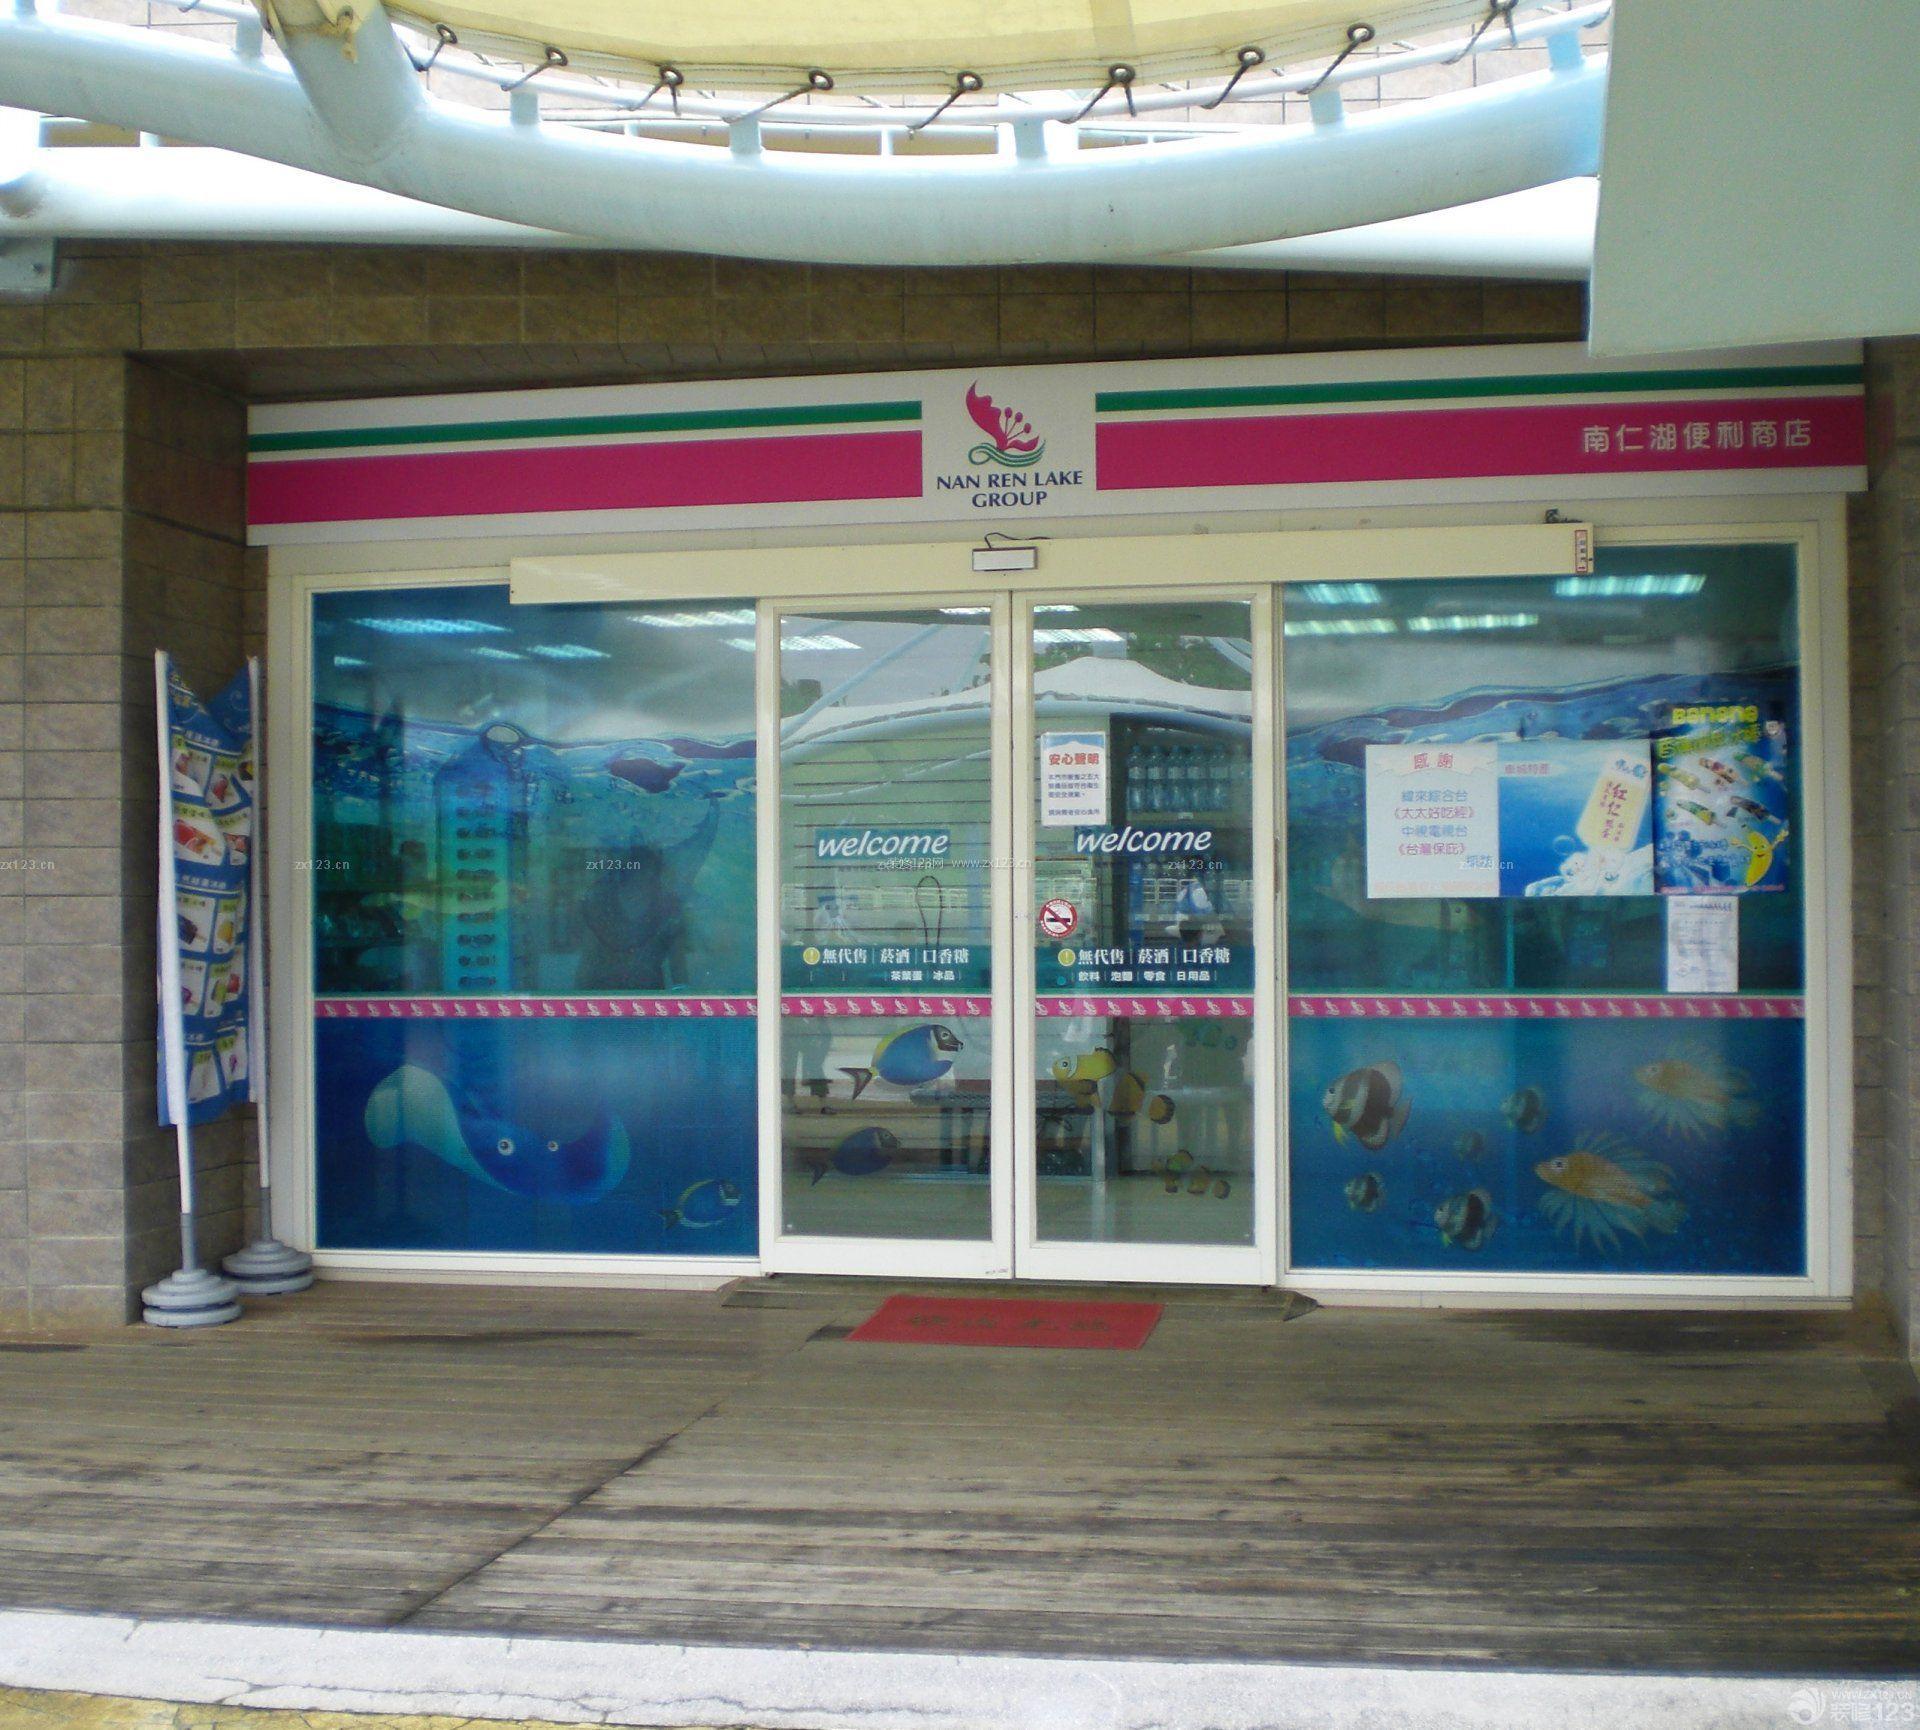 便利店玻璃门装修设计图片欣赏